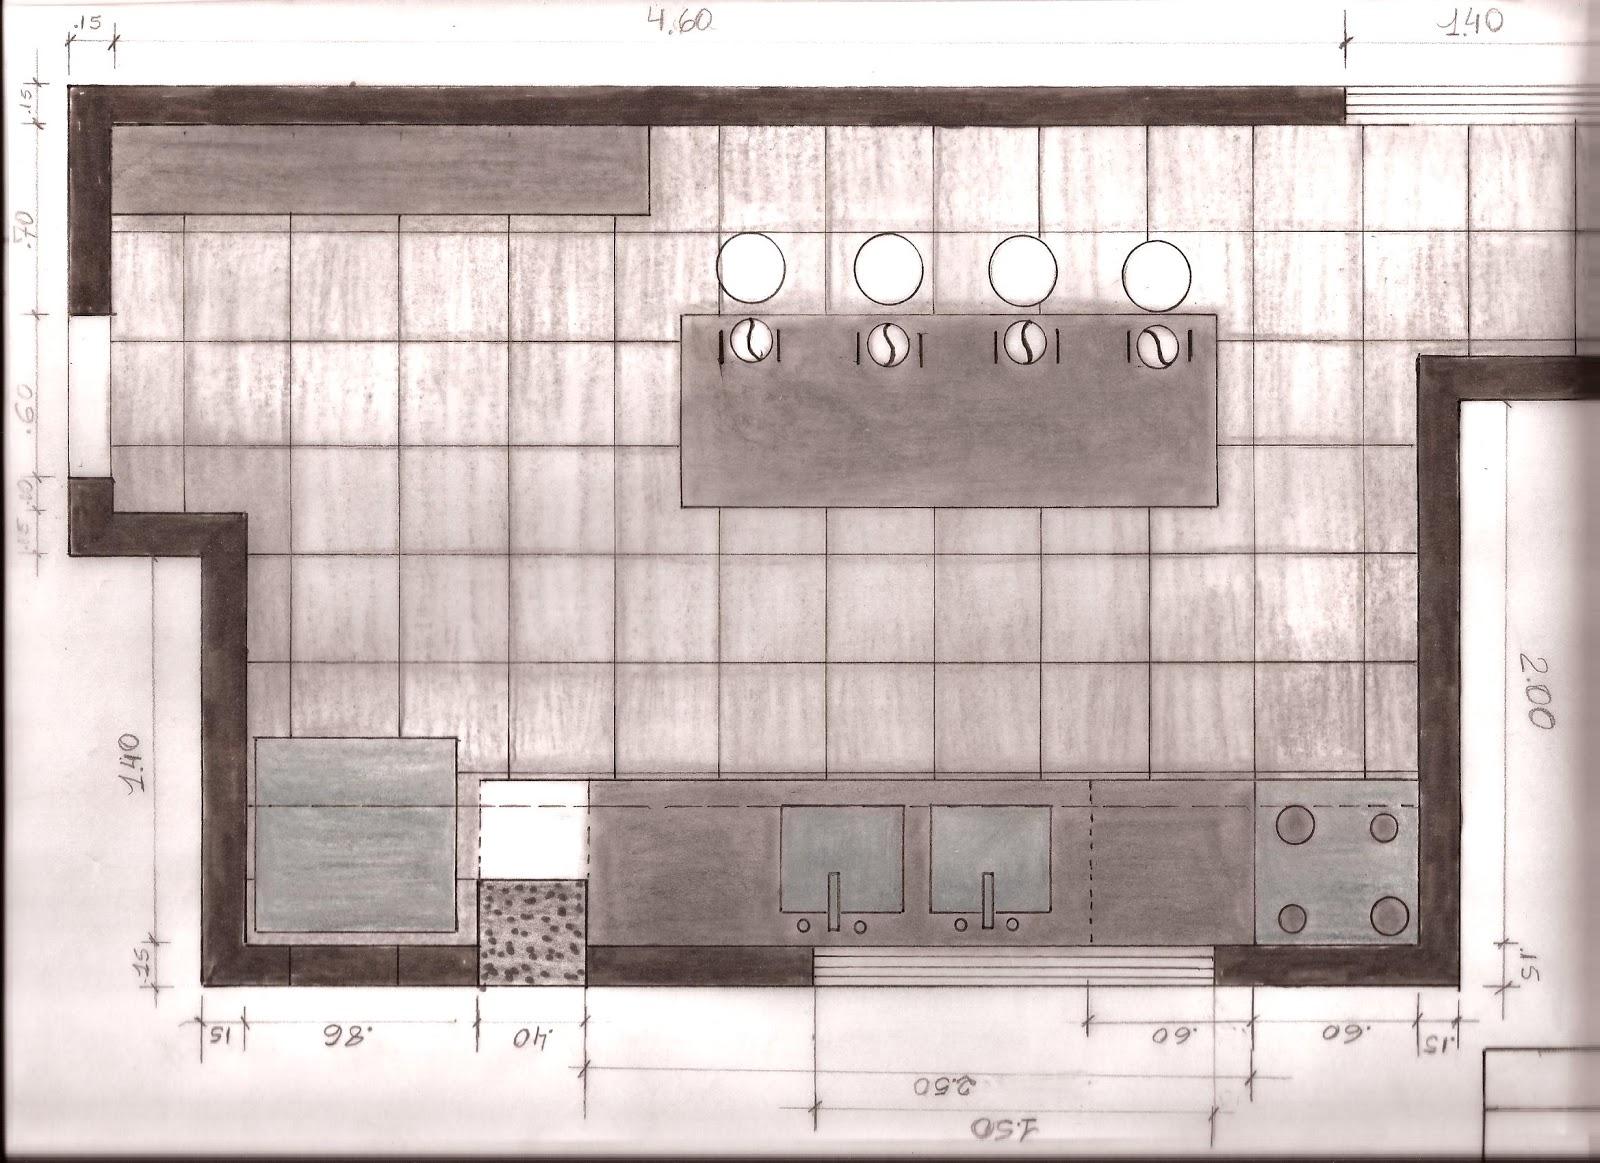 #7E554D casas mezanino 7 Quotes 1600x1163 px Projetos De Cozinhas Planta Baixa #729 imagens